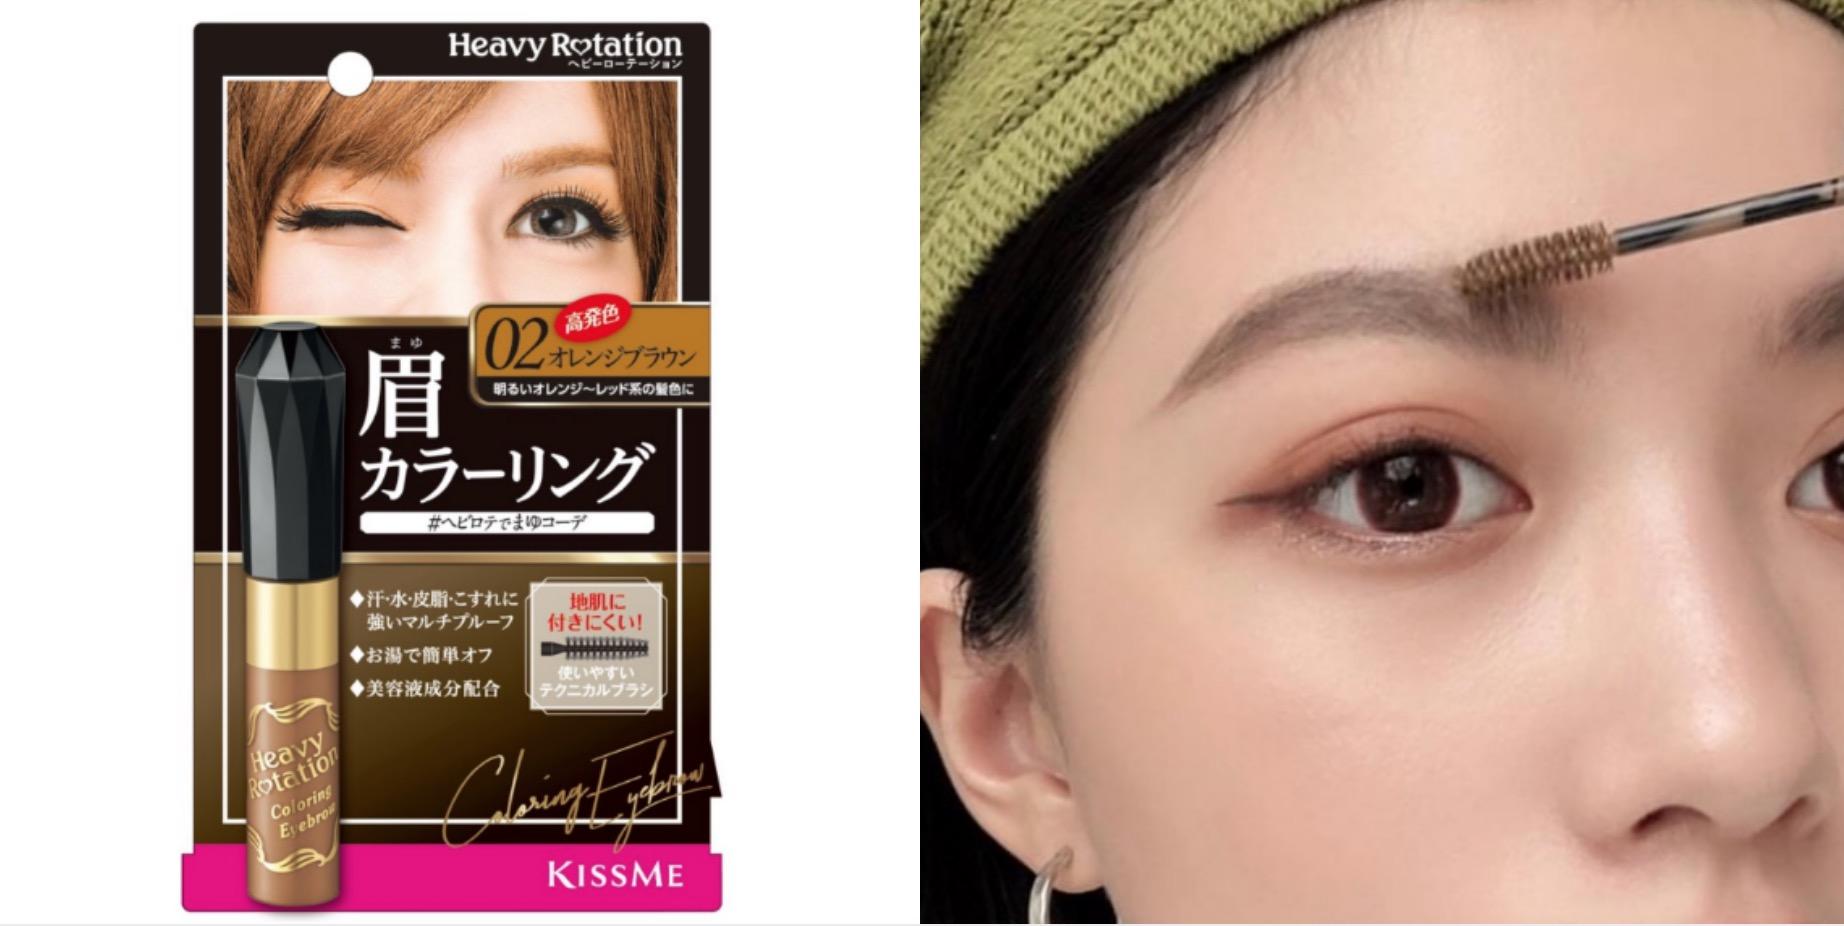 超多女孩跟彩妝師私下都爆愛用的一款眉彩膏,高顯色度,搭配髮色,明亮修飾眉毛光澤